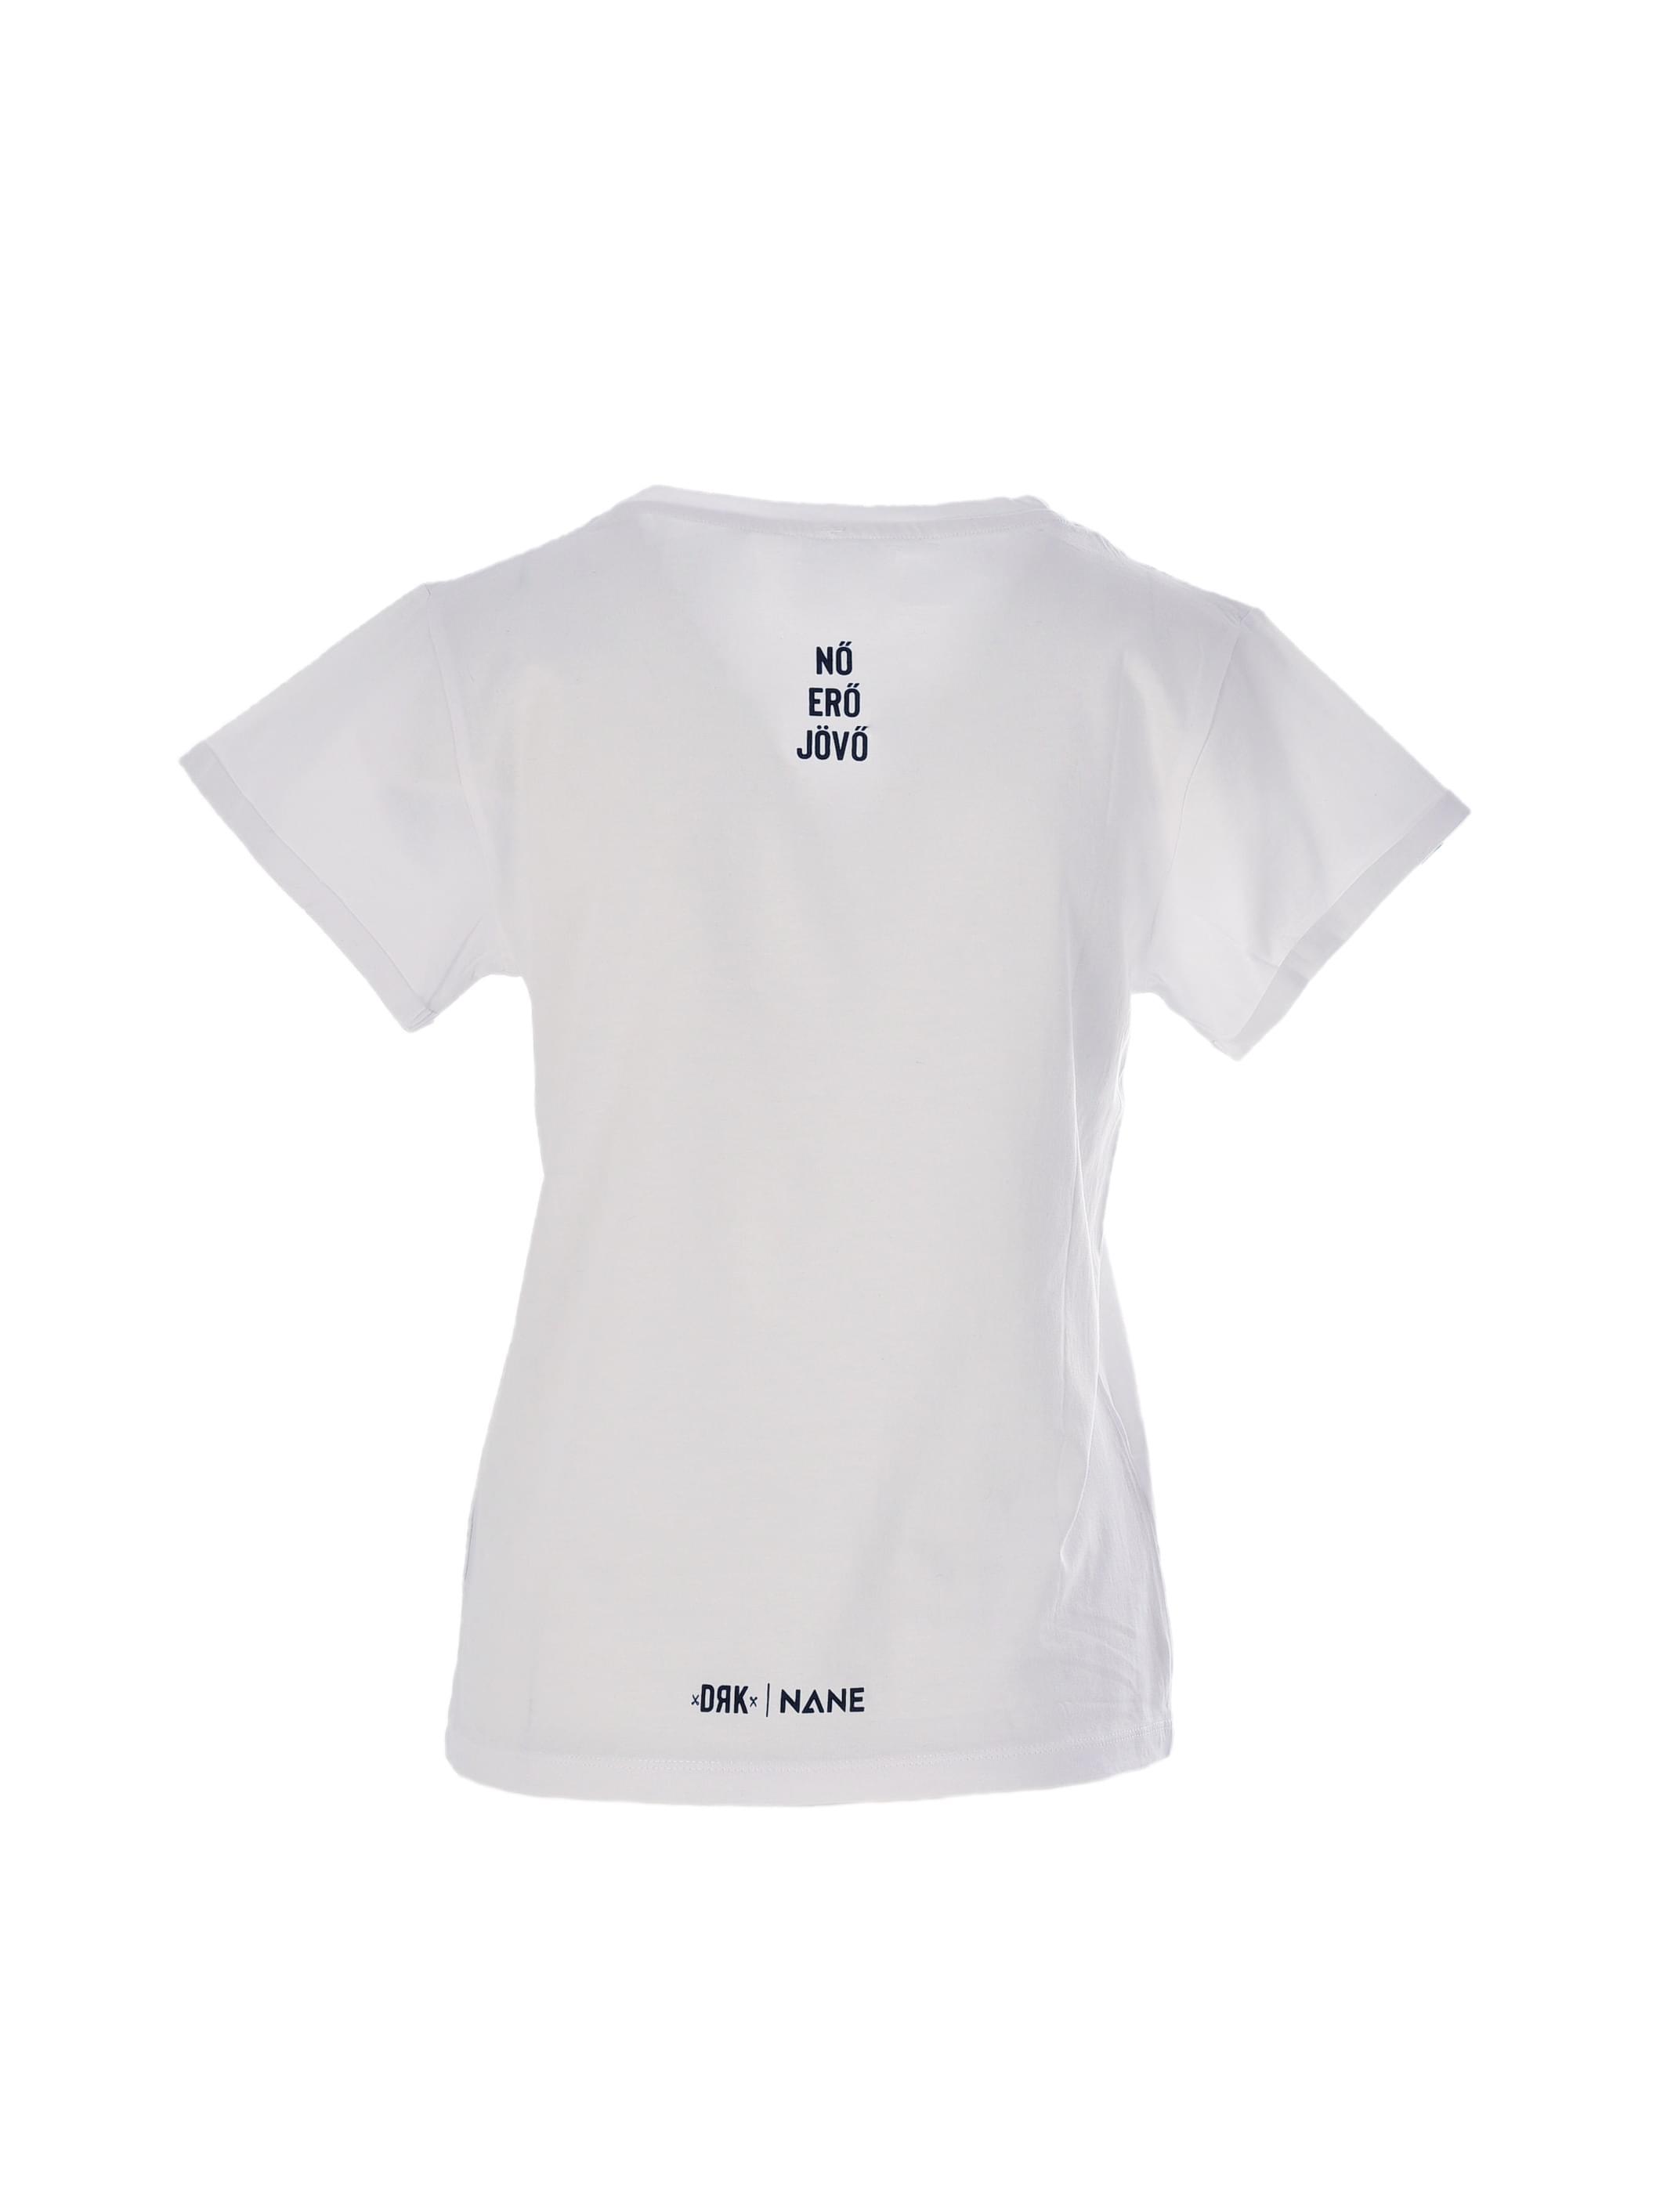 abb50151e5 Dorko | NO ERO JOVO 2019 FELIRATOS PÓLÓ | Ruházat | T-shirt | Rövid ...